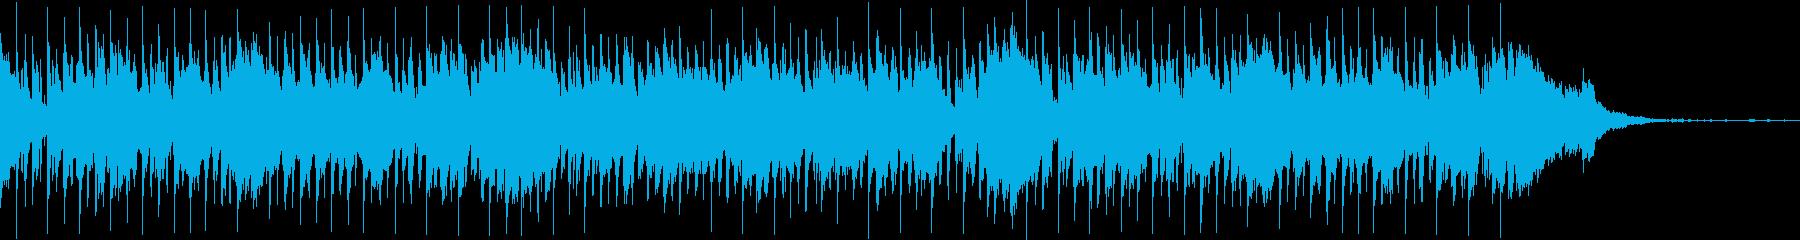 おしゃれでリラックスした企業VP用ジャズの再生済みの波形